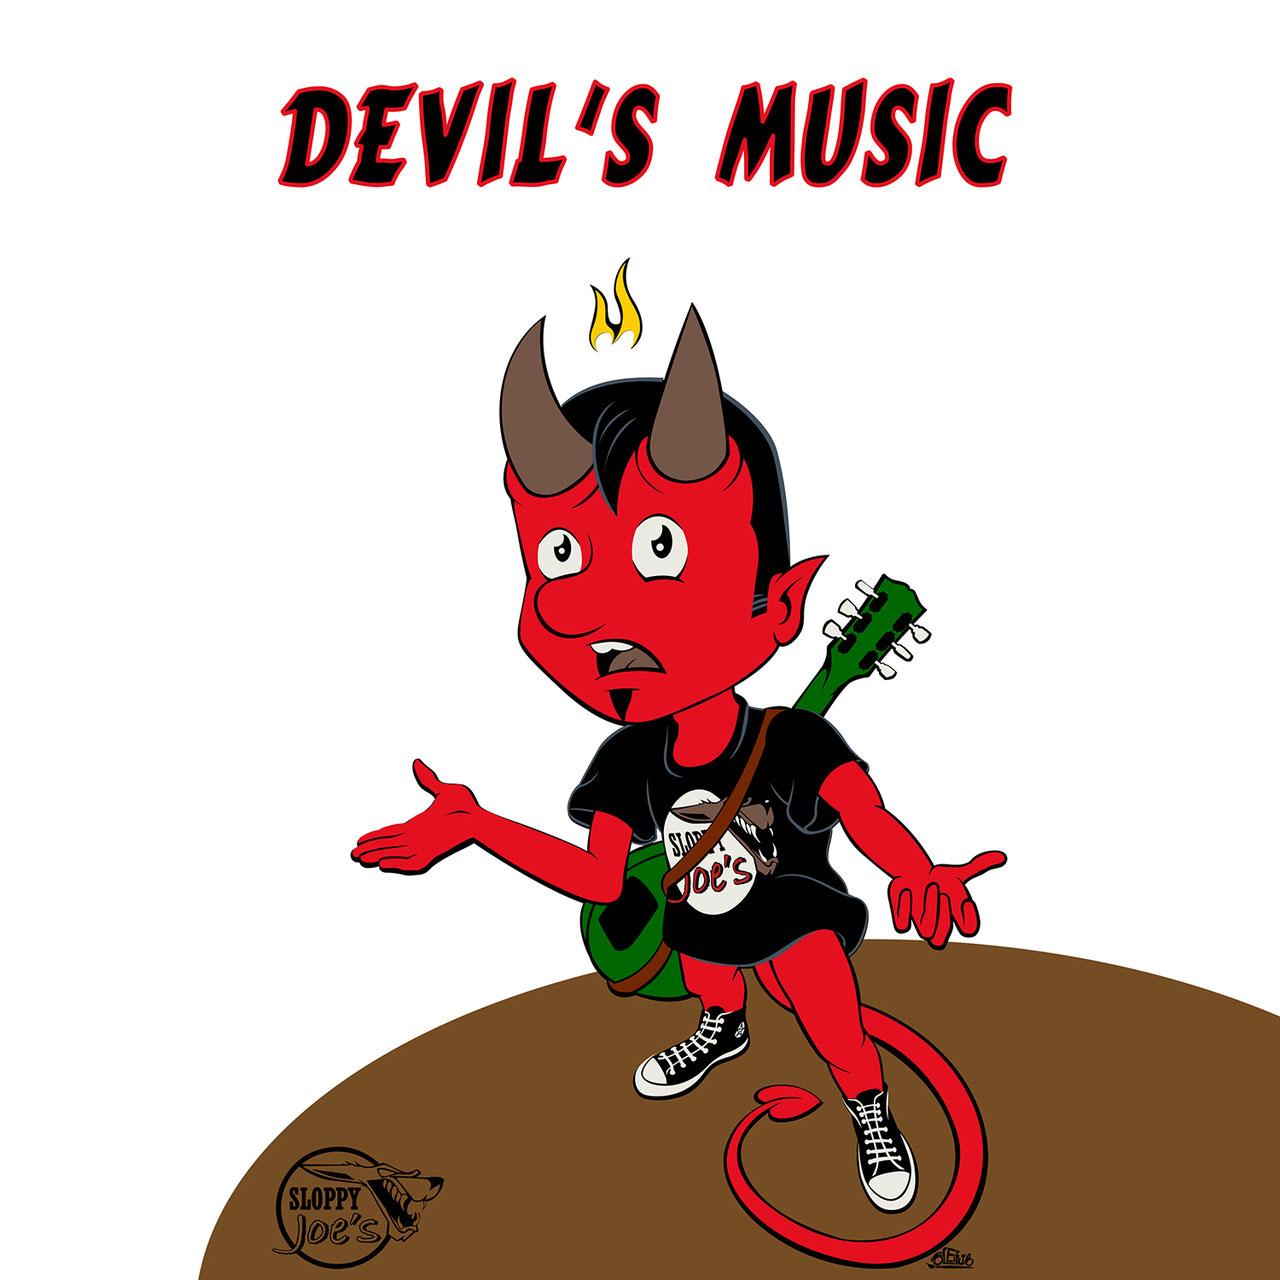 DEVIL'S MUSIC (Album) Image